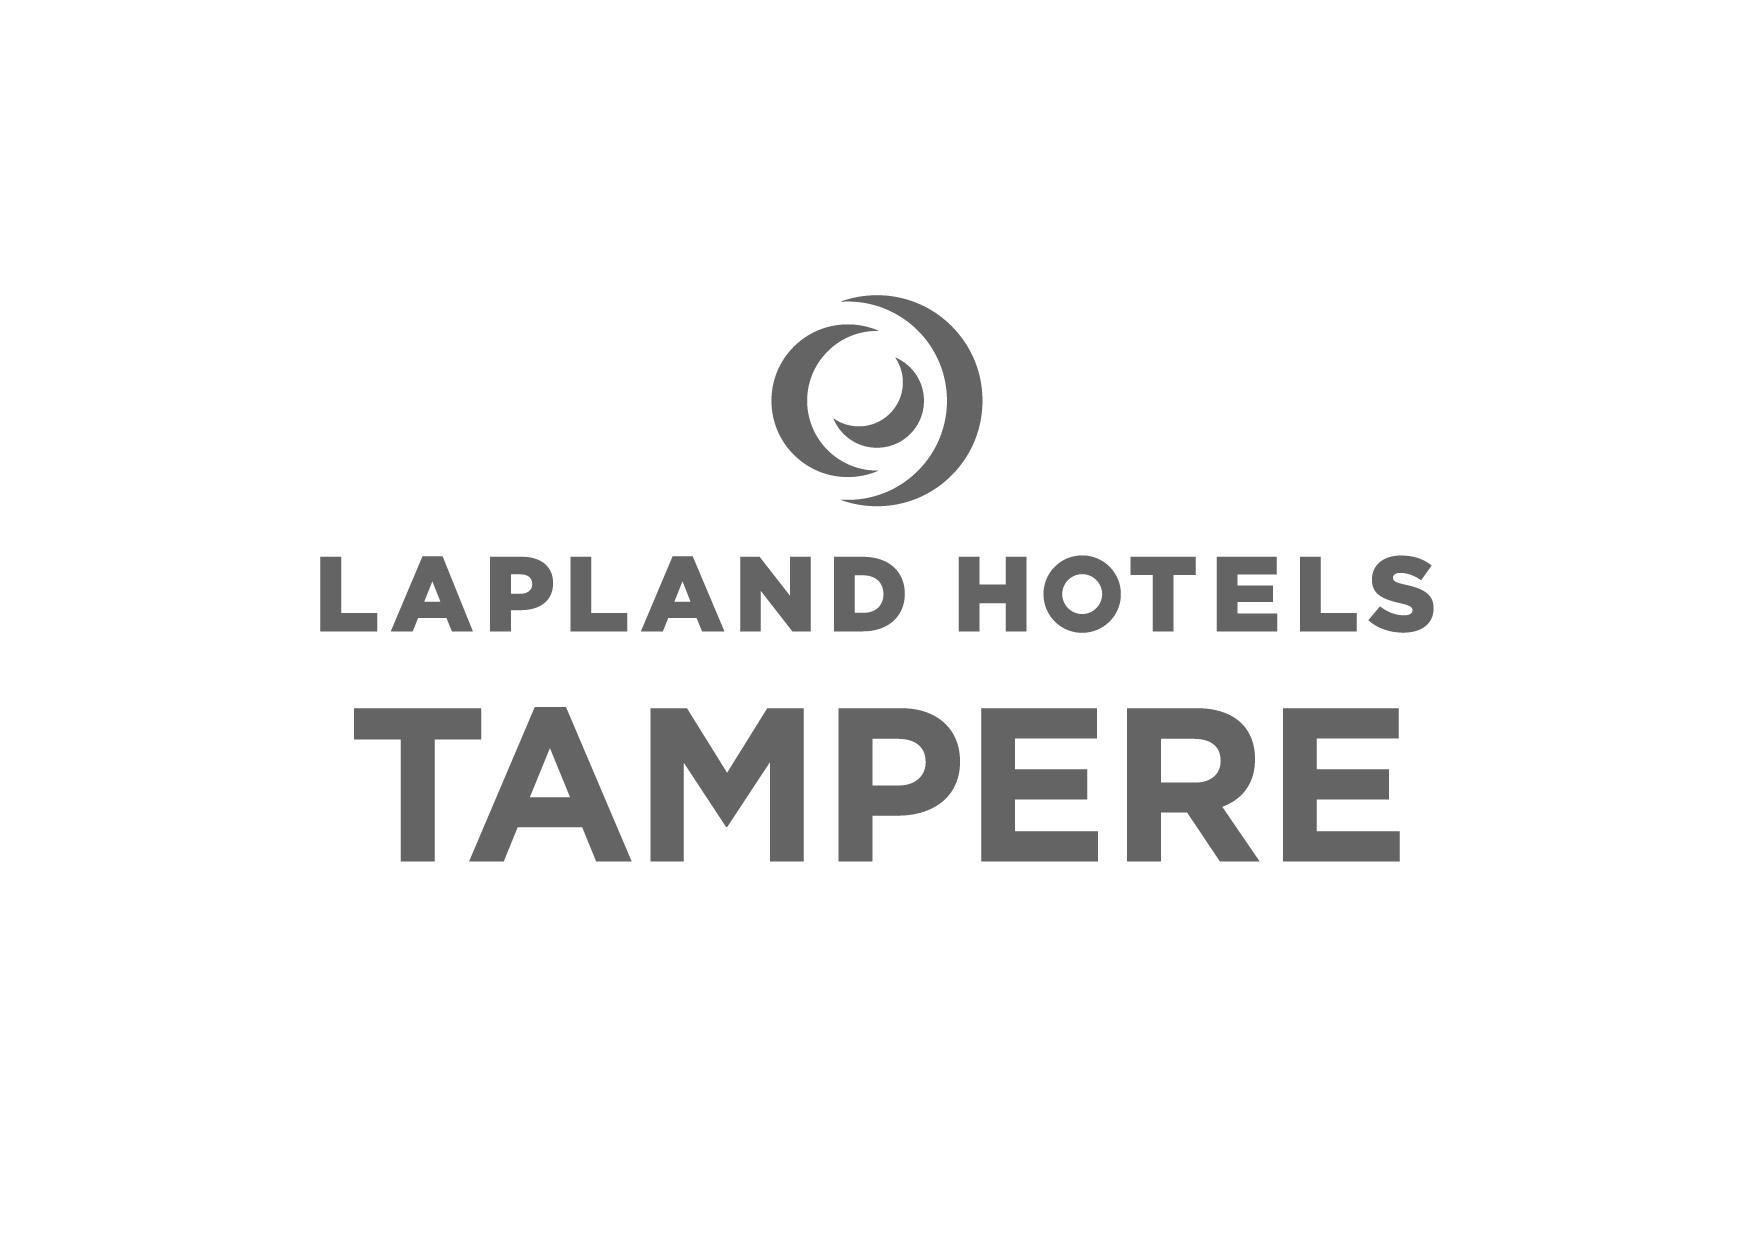 Lapland Hotel Tampere on mahdollisuus nauttia Lapin elämyksellisyydestä keskellä kaupungin sykettä. Keskustan tuntumassa sijaitsevan hotellin 141 huonetta on sisustettu taidolla ja tyylillä vaativammankin matkaajan makuun. Huoneiden design on saanut vaikutteita luonnosta ja Lapin tarinoista. Pohjoisen elämyksiä kunnioittava ja Lapin tuntoja herättävä Ravintola Dabbal on hotellimme sydän. Lapin rauhaa vai mystiikkaa – sinä päätät.